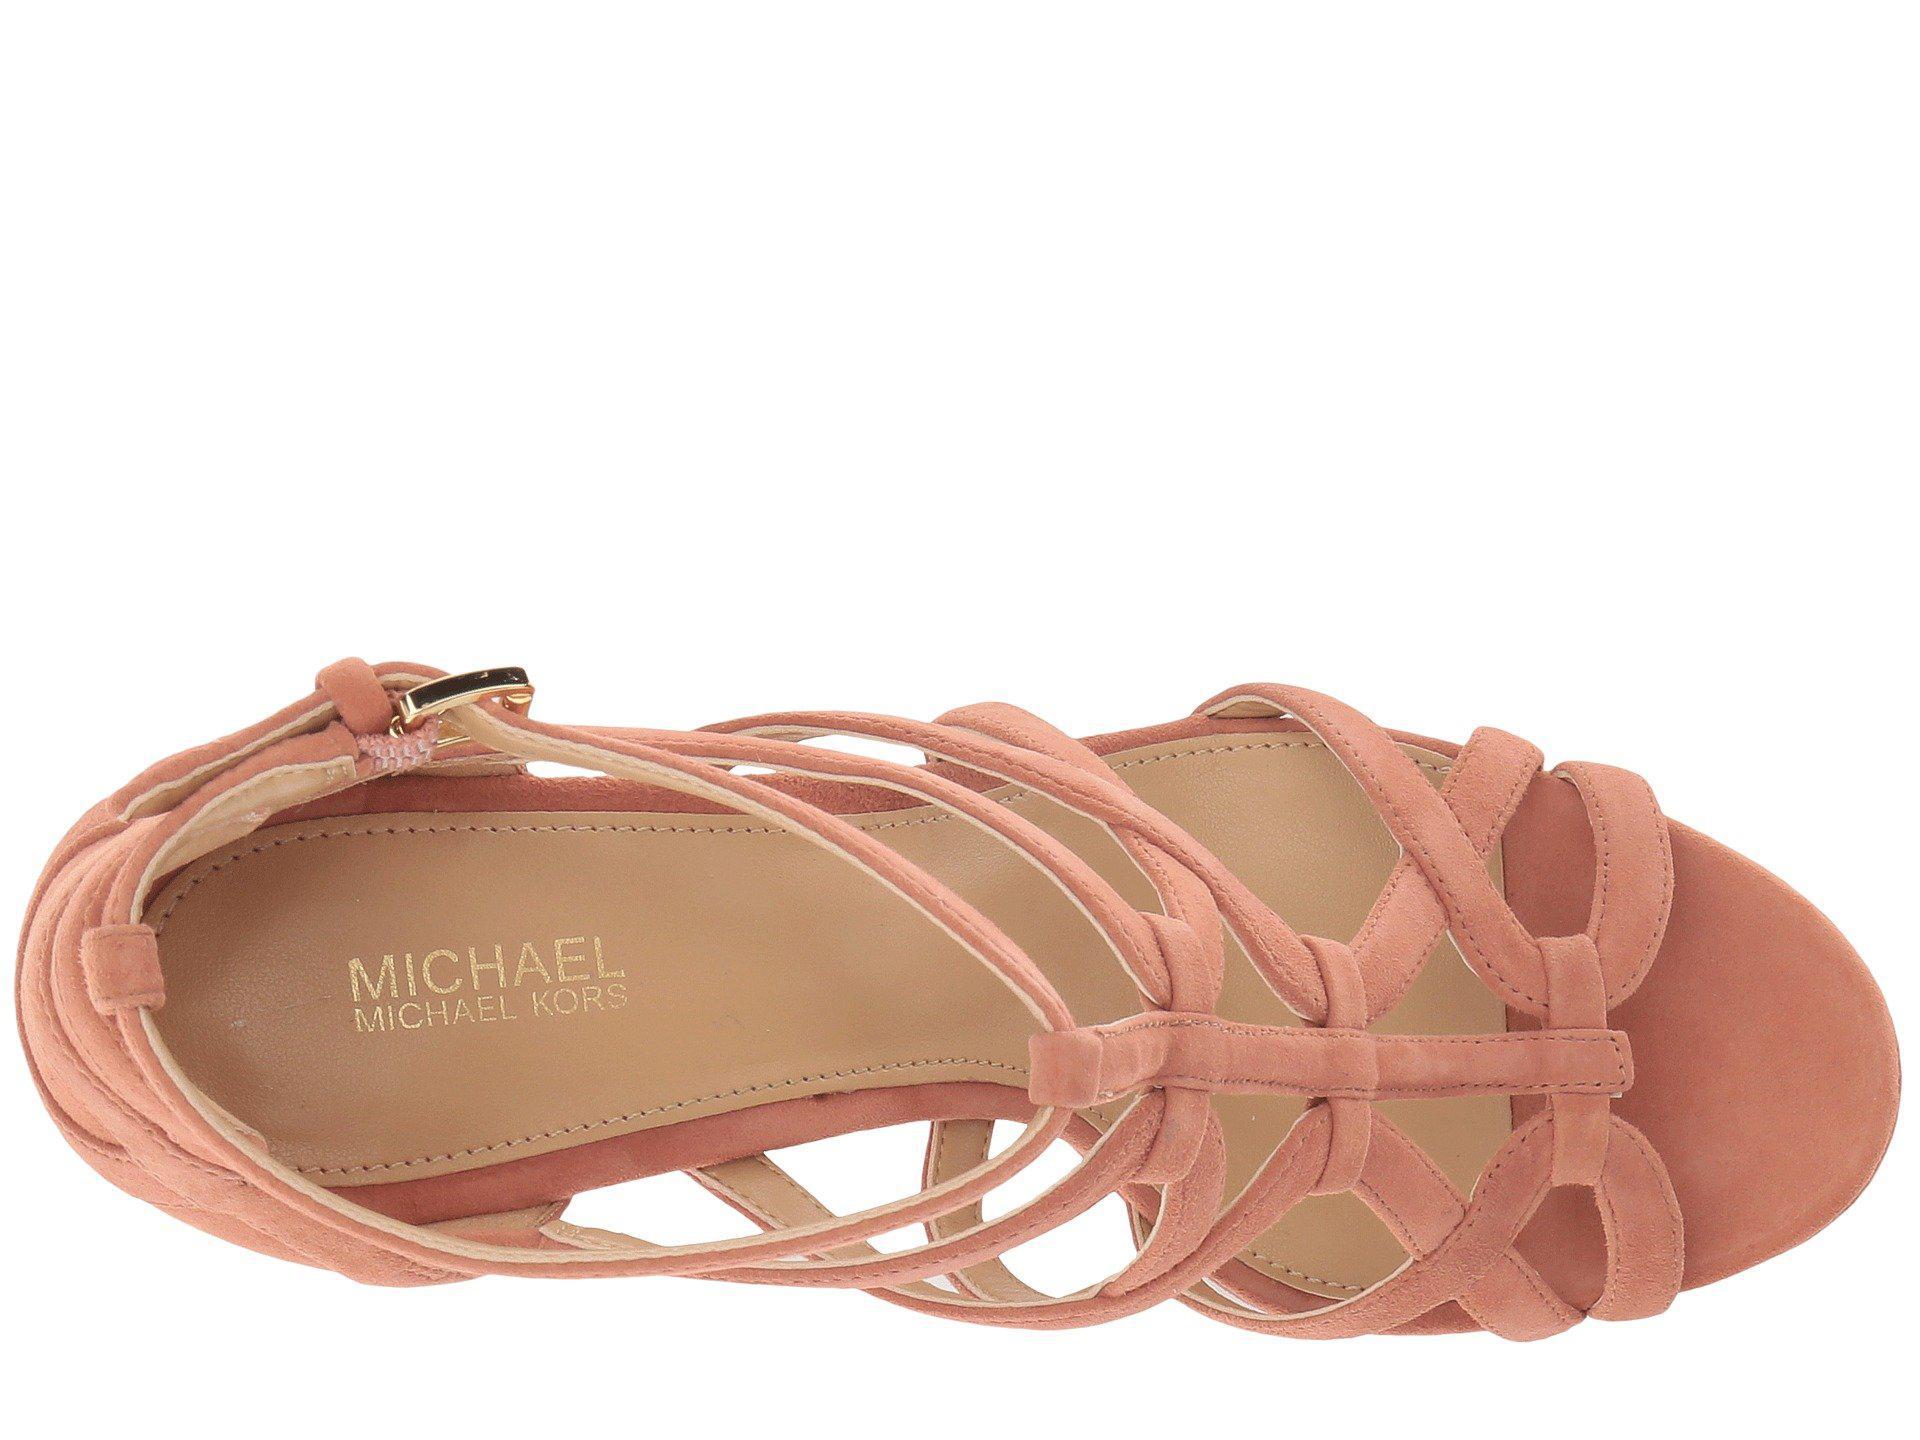 8d3988822d58 MICHAEL Michael Kors - Multicolor Sandra Platform - Lyst. View fullscreen